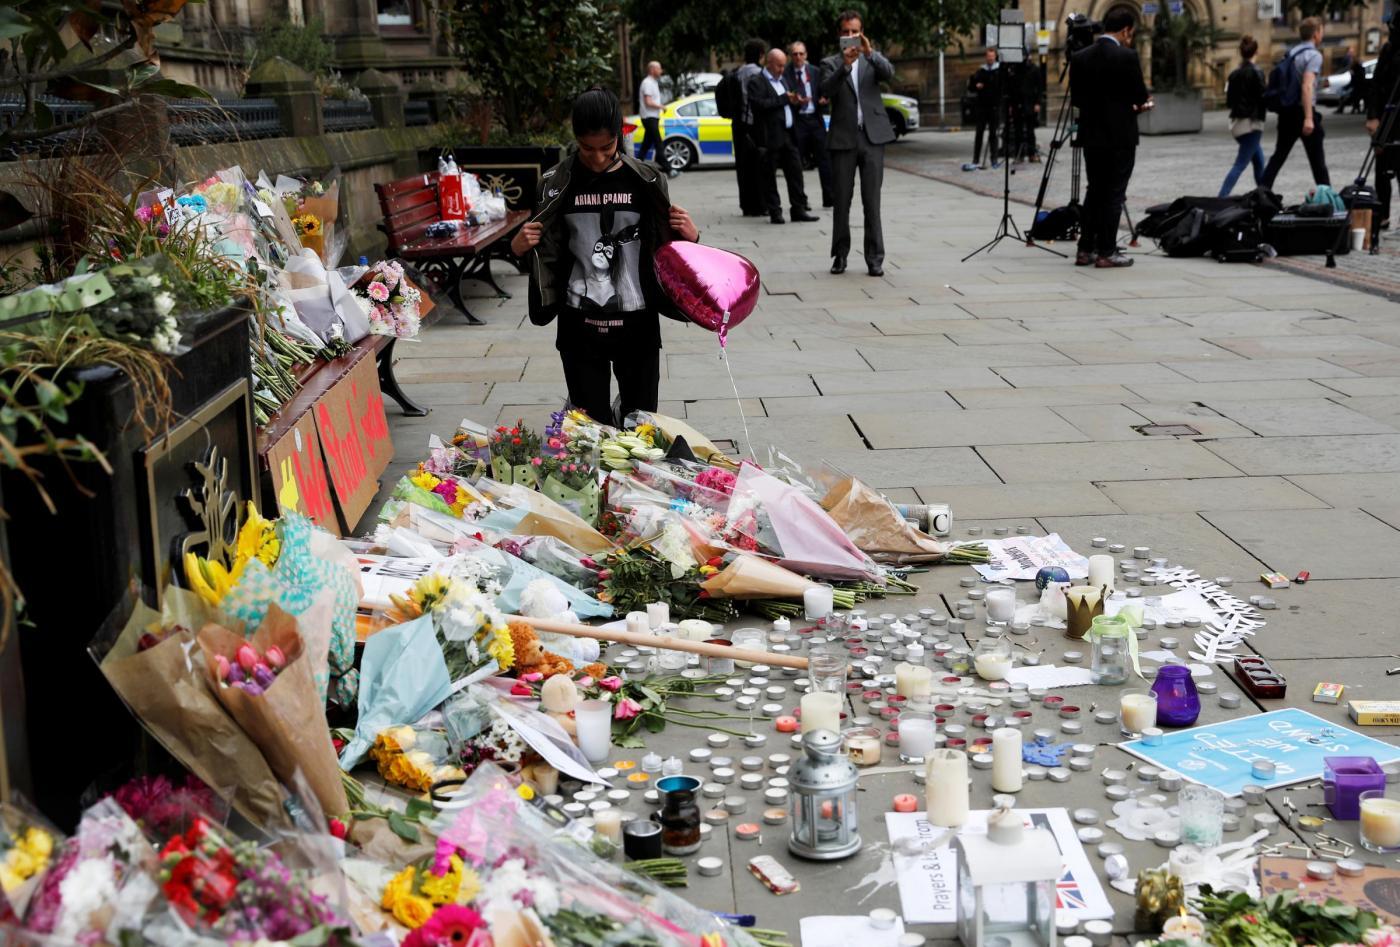 Manchester, fiori e biglietti alla veglia per le vittime dell'attentato